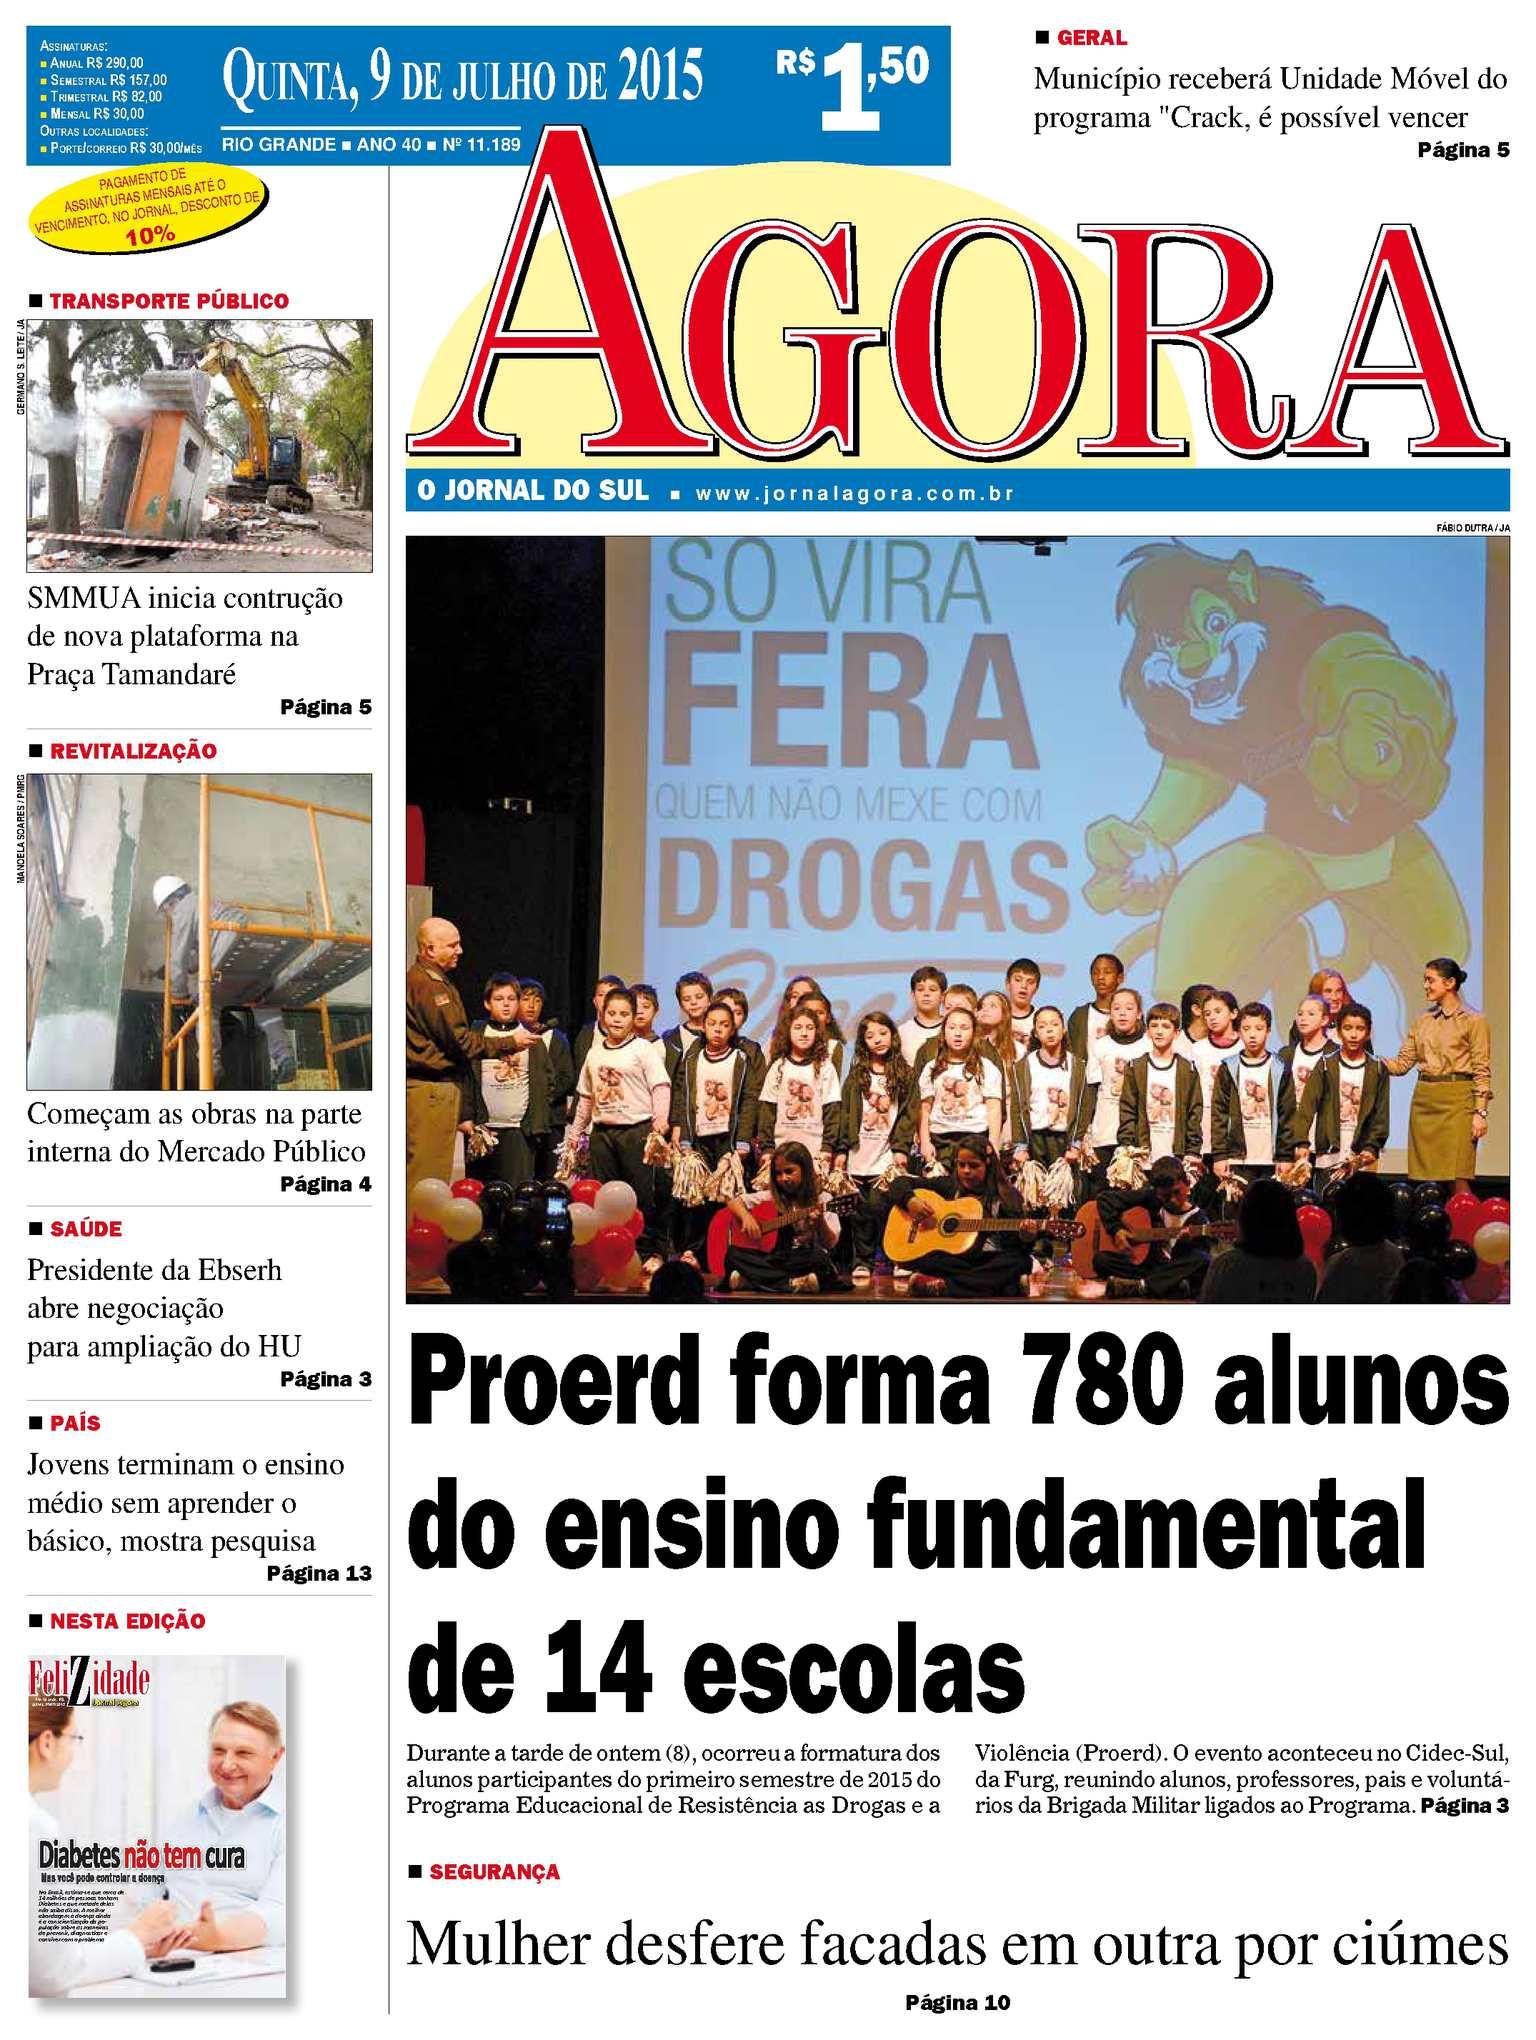 8e4c009bf62 Calaméo - Jornal Agora - Edição 11189 - 9 de Julho de 2015